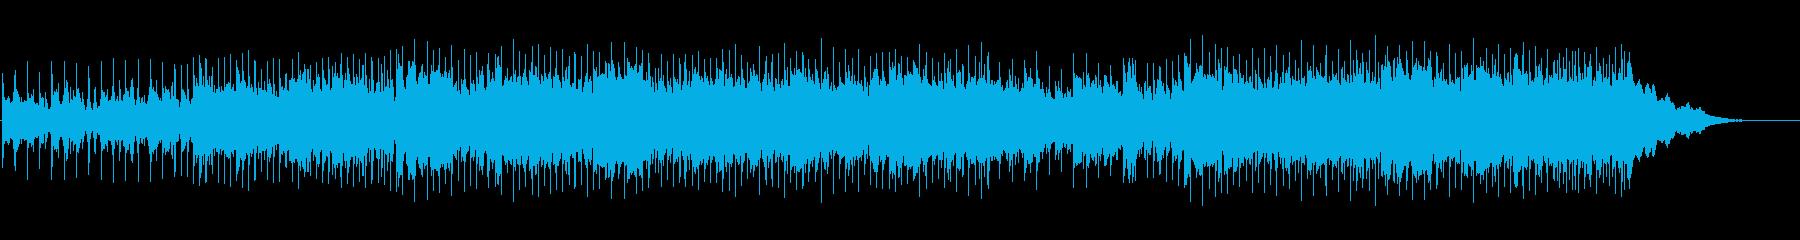 ポップ/エレクトロ・インストゥルメ...の再生済みの波形